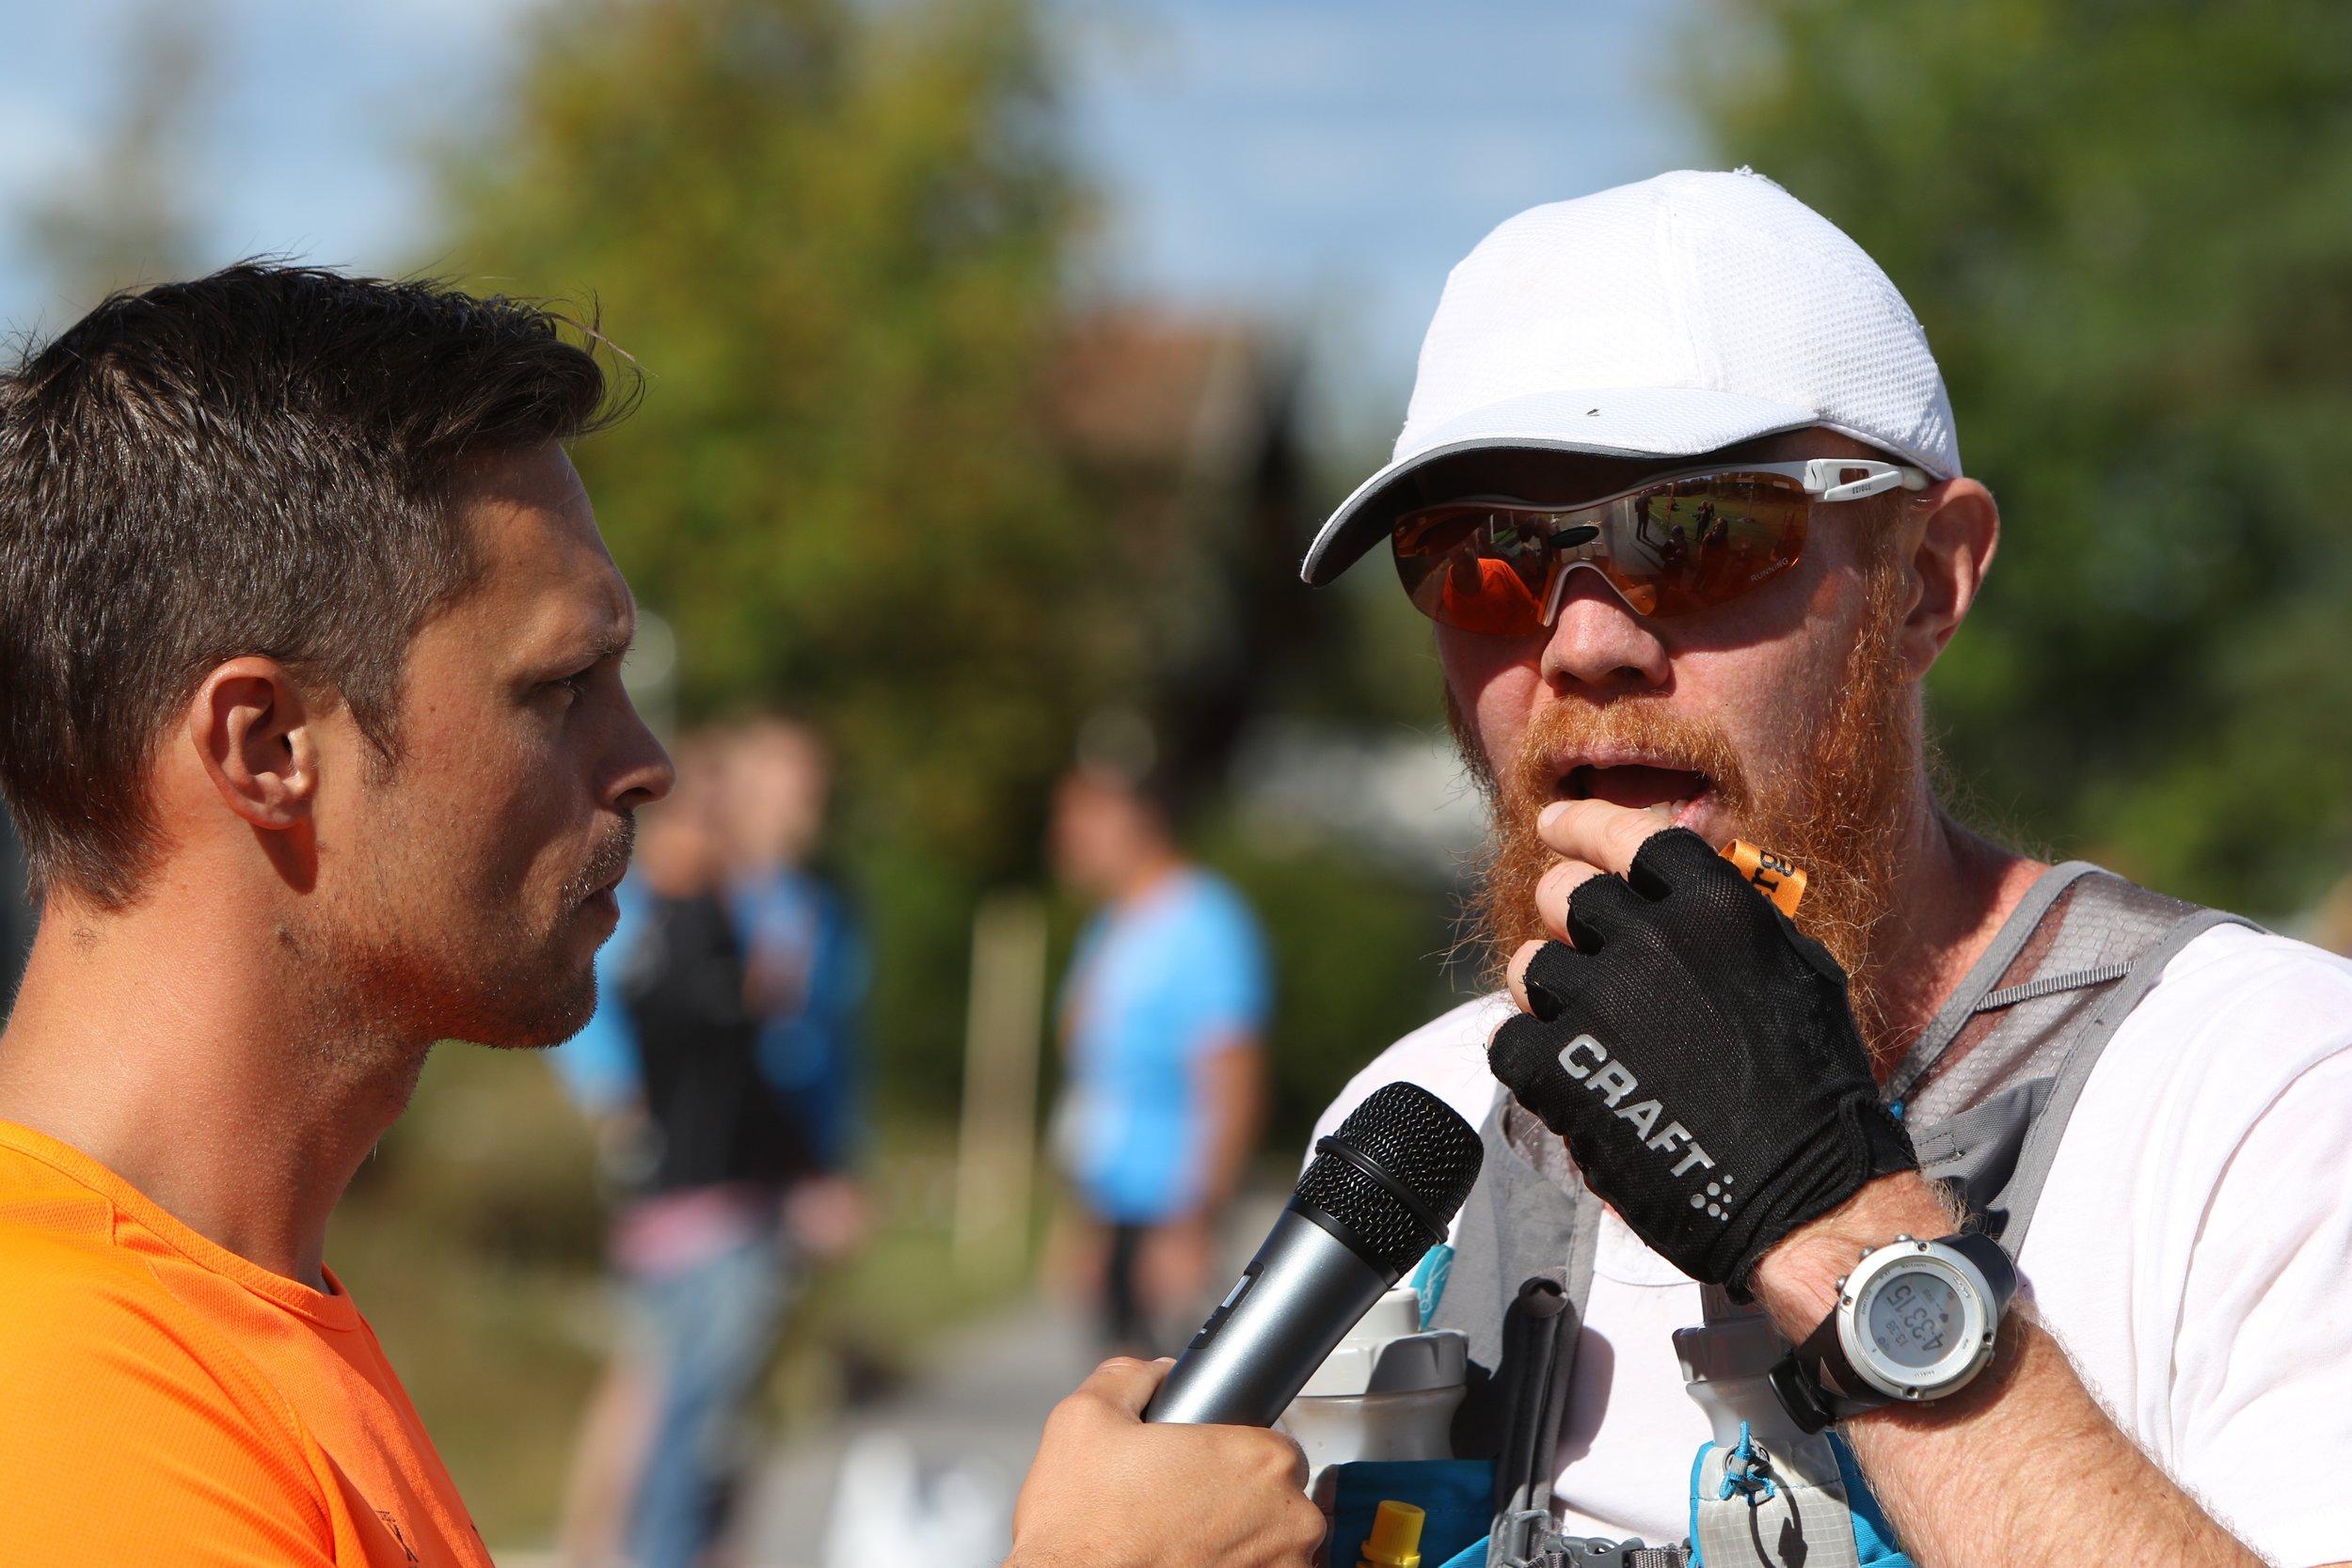 Måste erkänna att jag var lite trött när jag kom i mål och blev intervjuad... Foto   Anders Eriksson, #bergslagsledenultra.